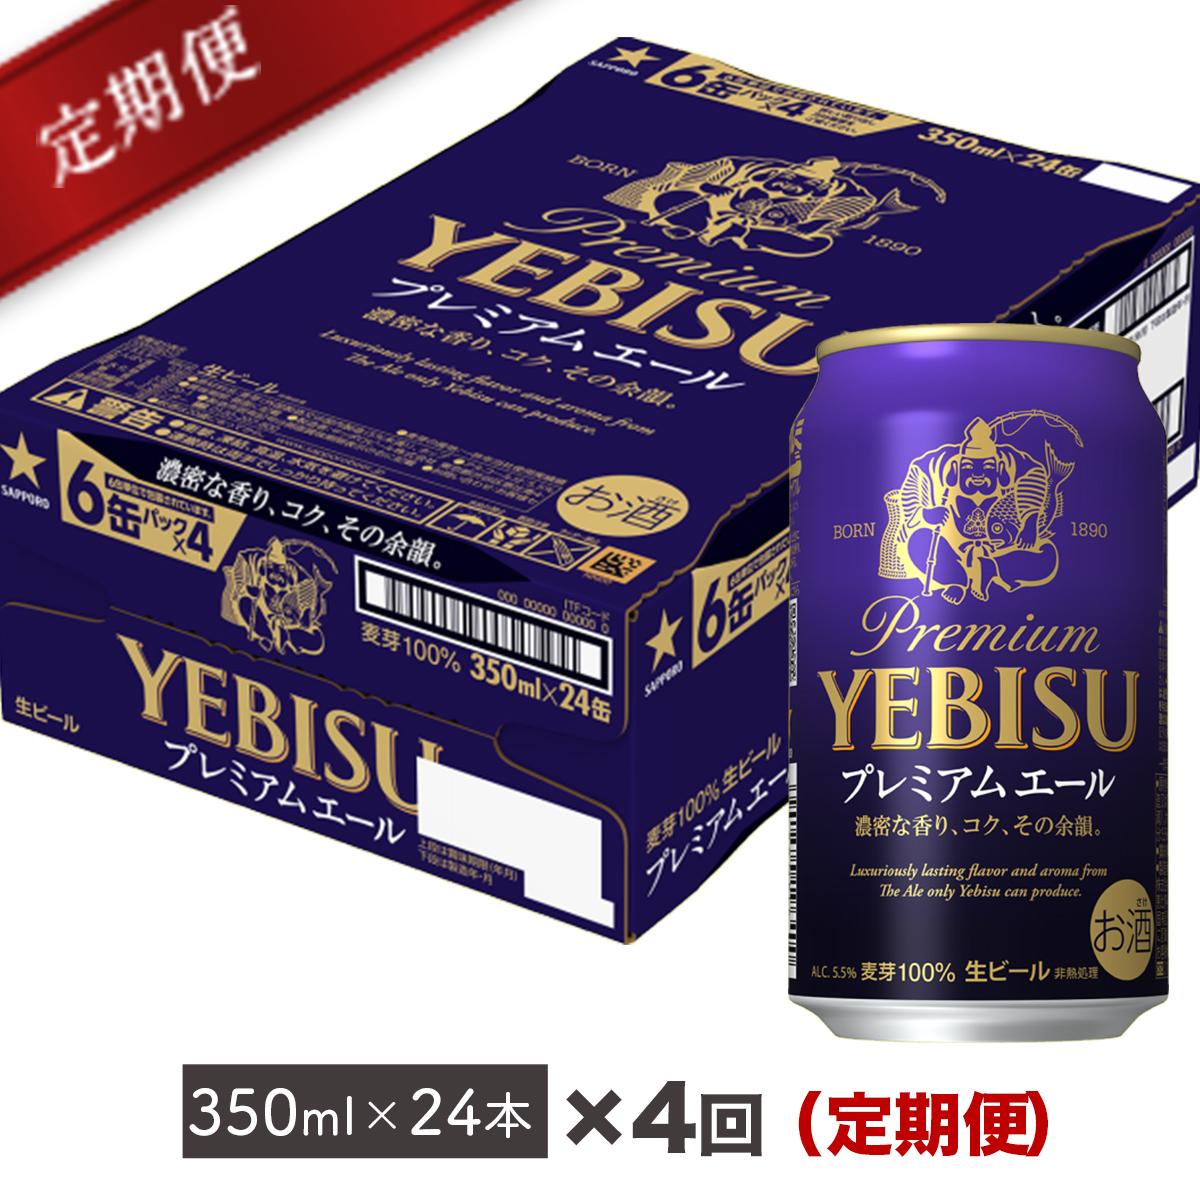 【ふるさと納税】ヱビス プレミアムエール ビール 缶350ml×24本(1ケース)を4回お届け